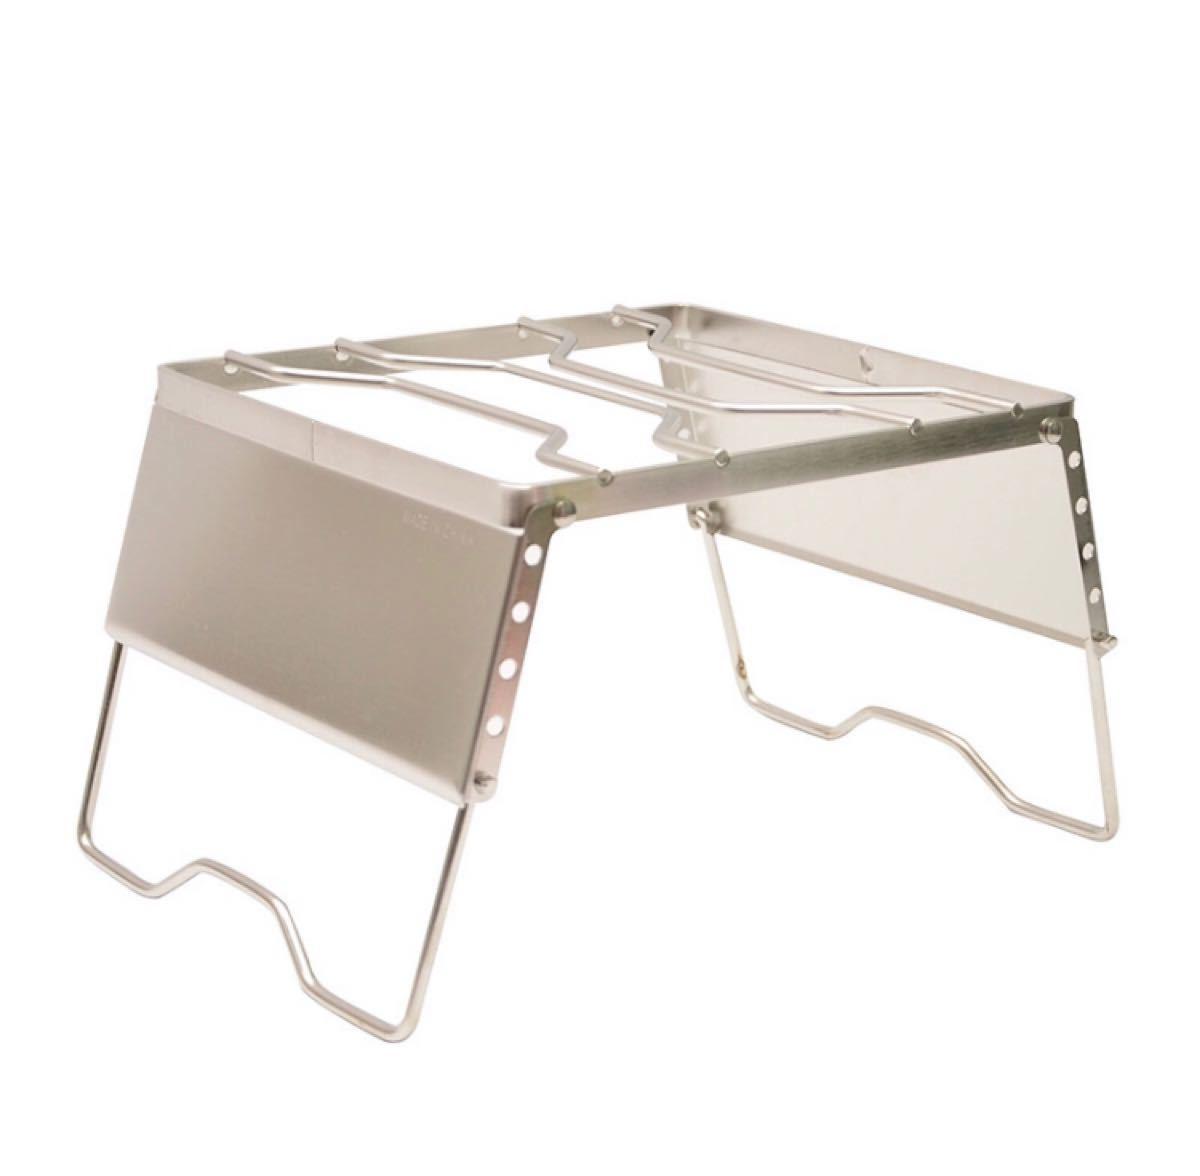 シングルバーナースタンド クッカースタンド グリルスタンド 風防板付き 高さ調整可能